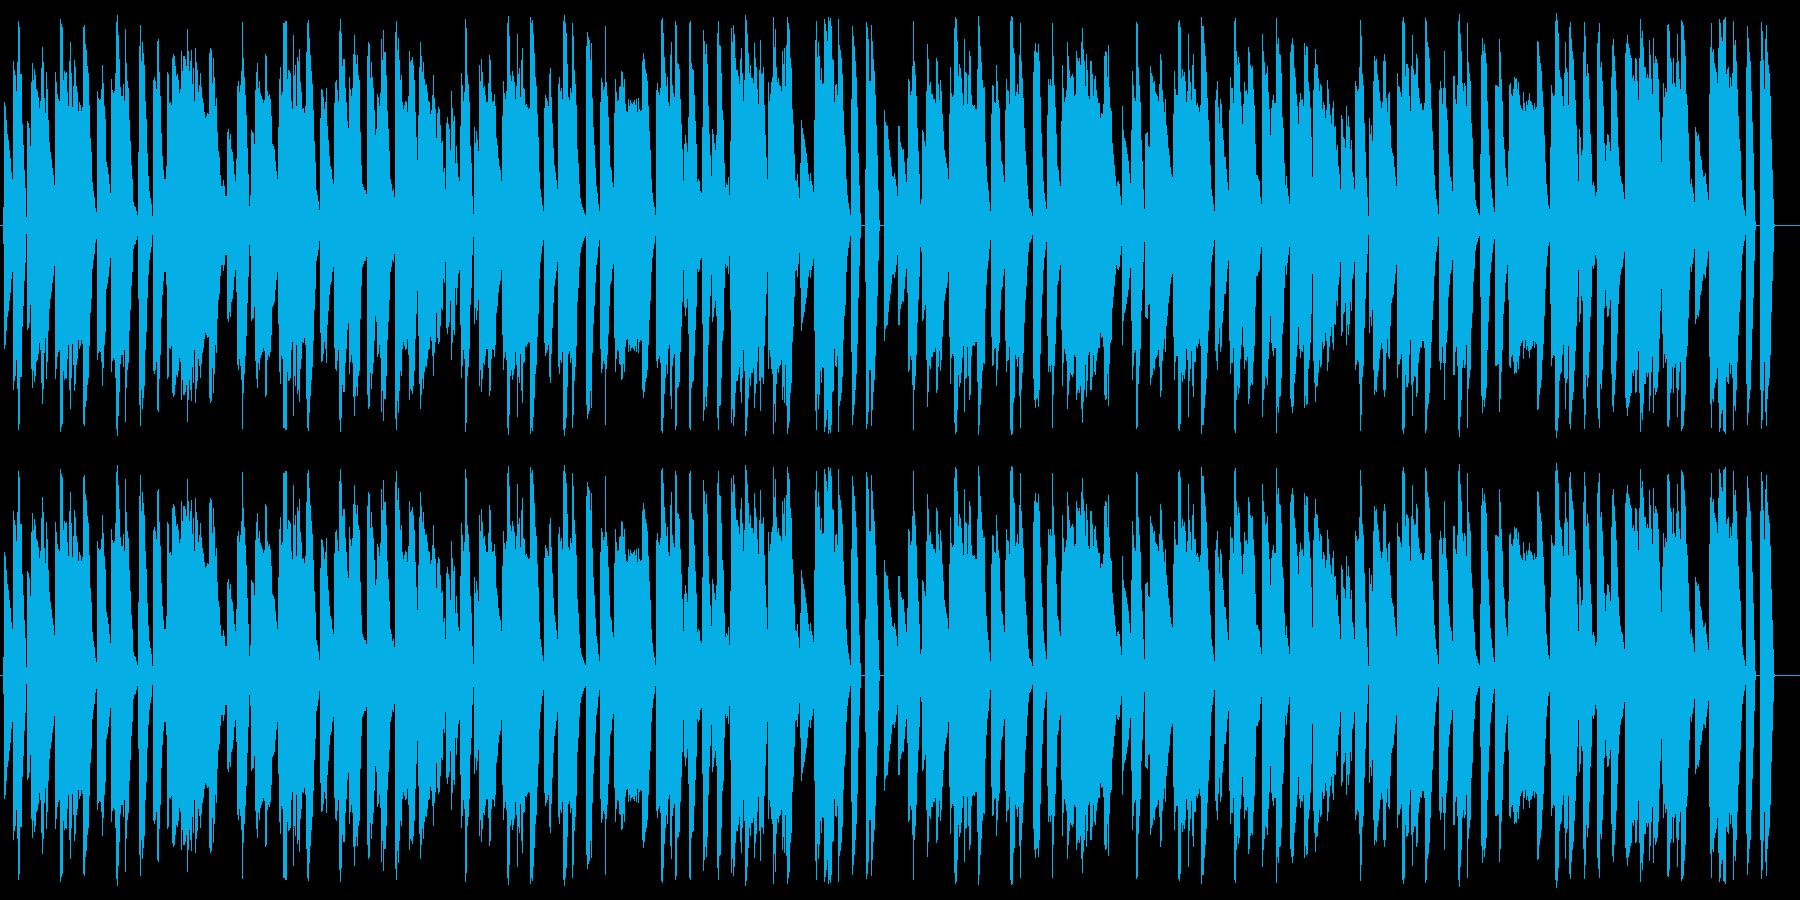 マリオ風の楽しい8bitファミコンBGMの再生済みの波形